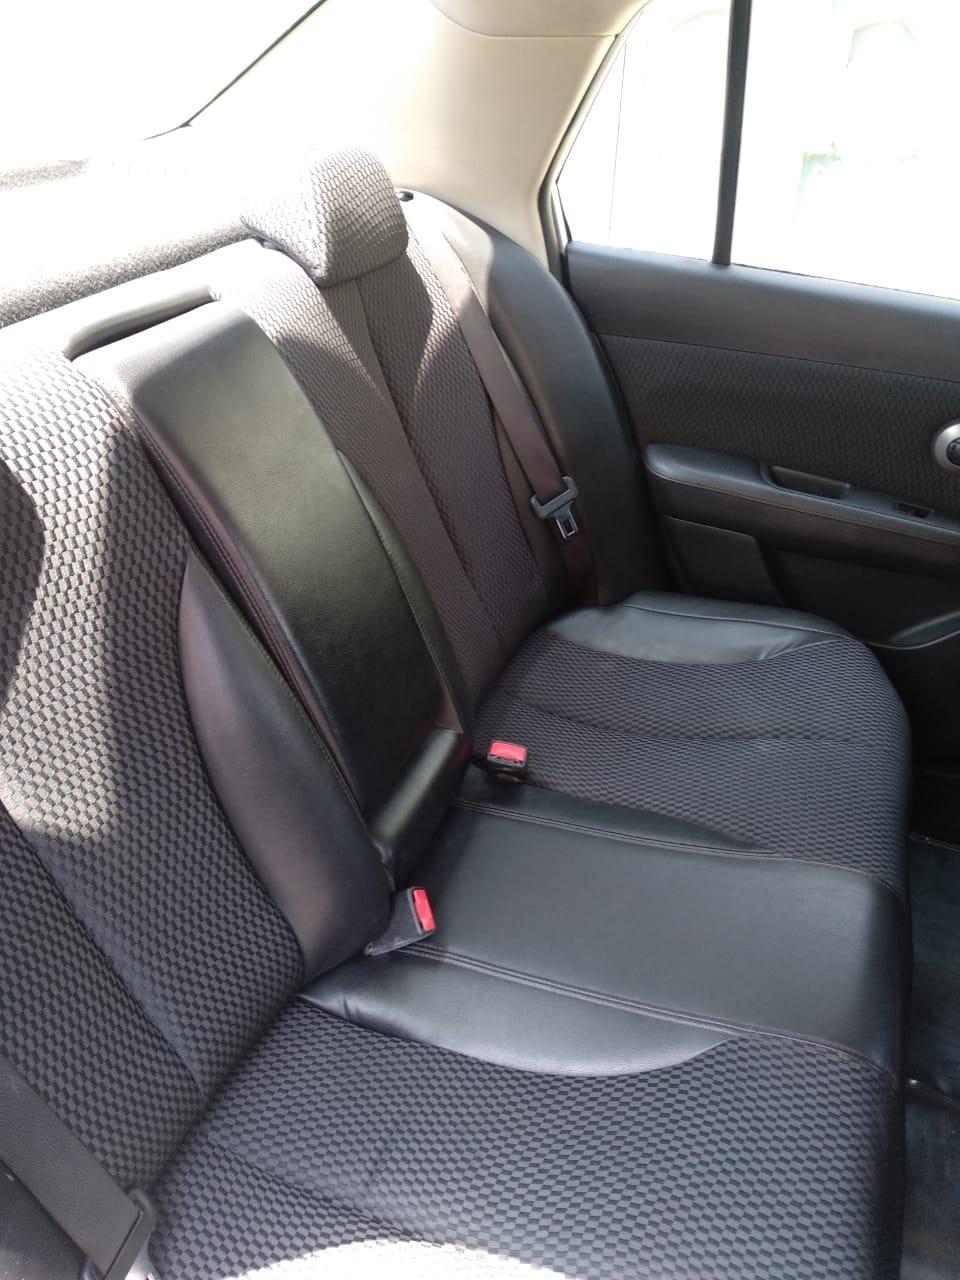 Nissan Tiida 1.6(lt) 2008 İkinci əl  $7550